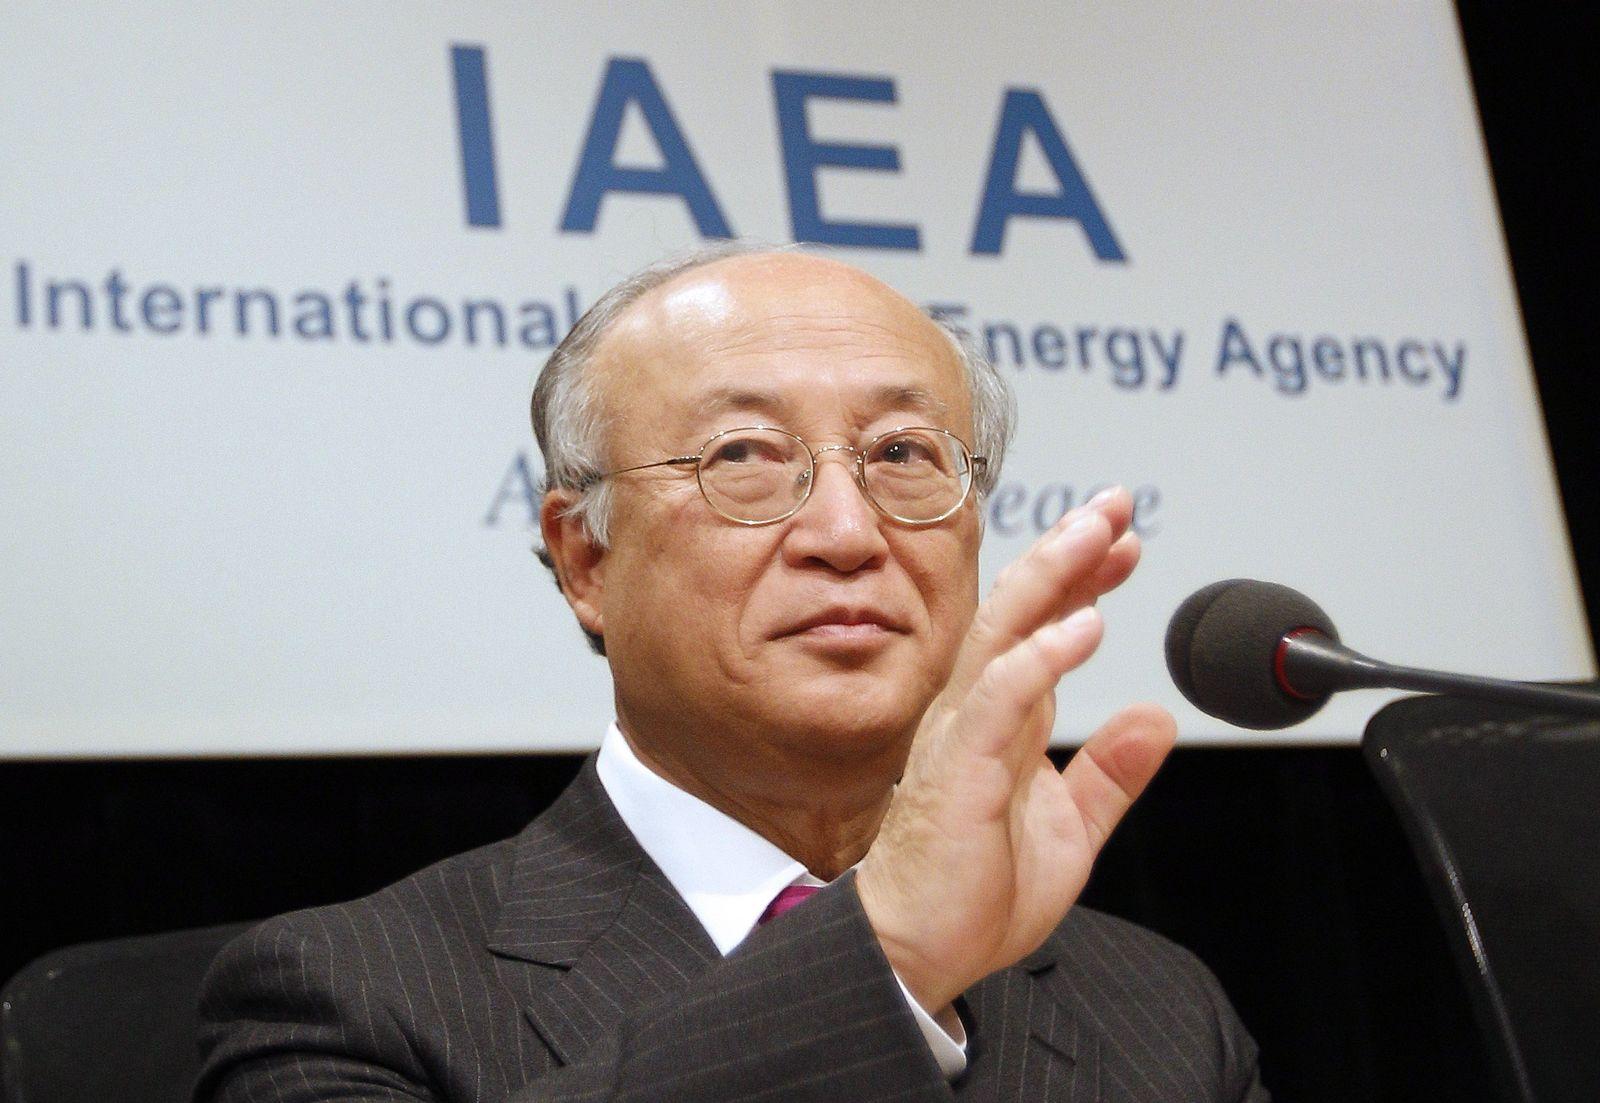 IAEA / Amano